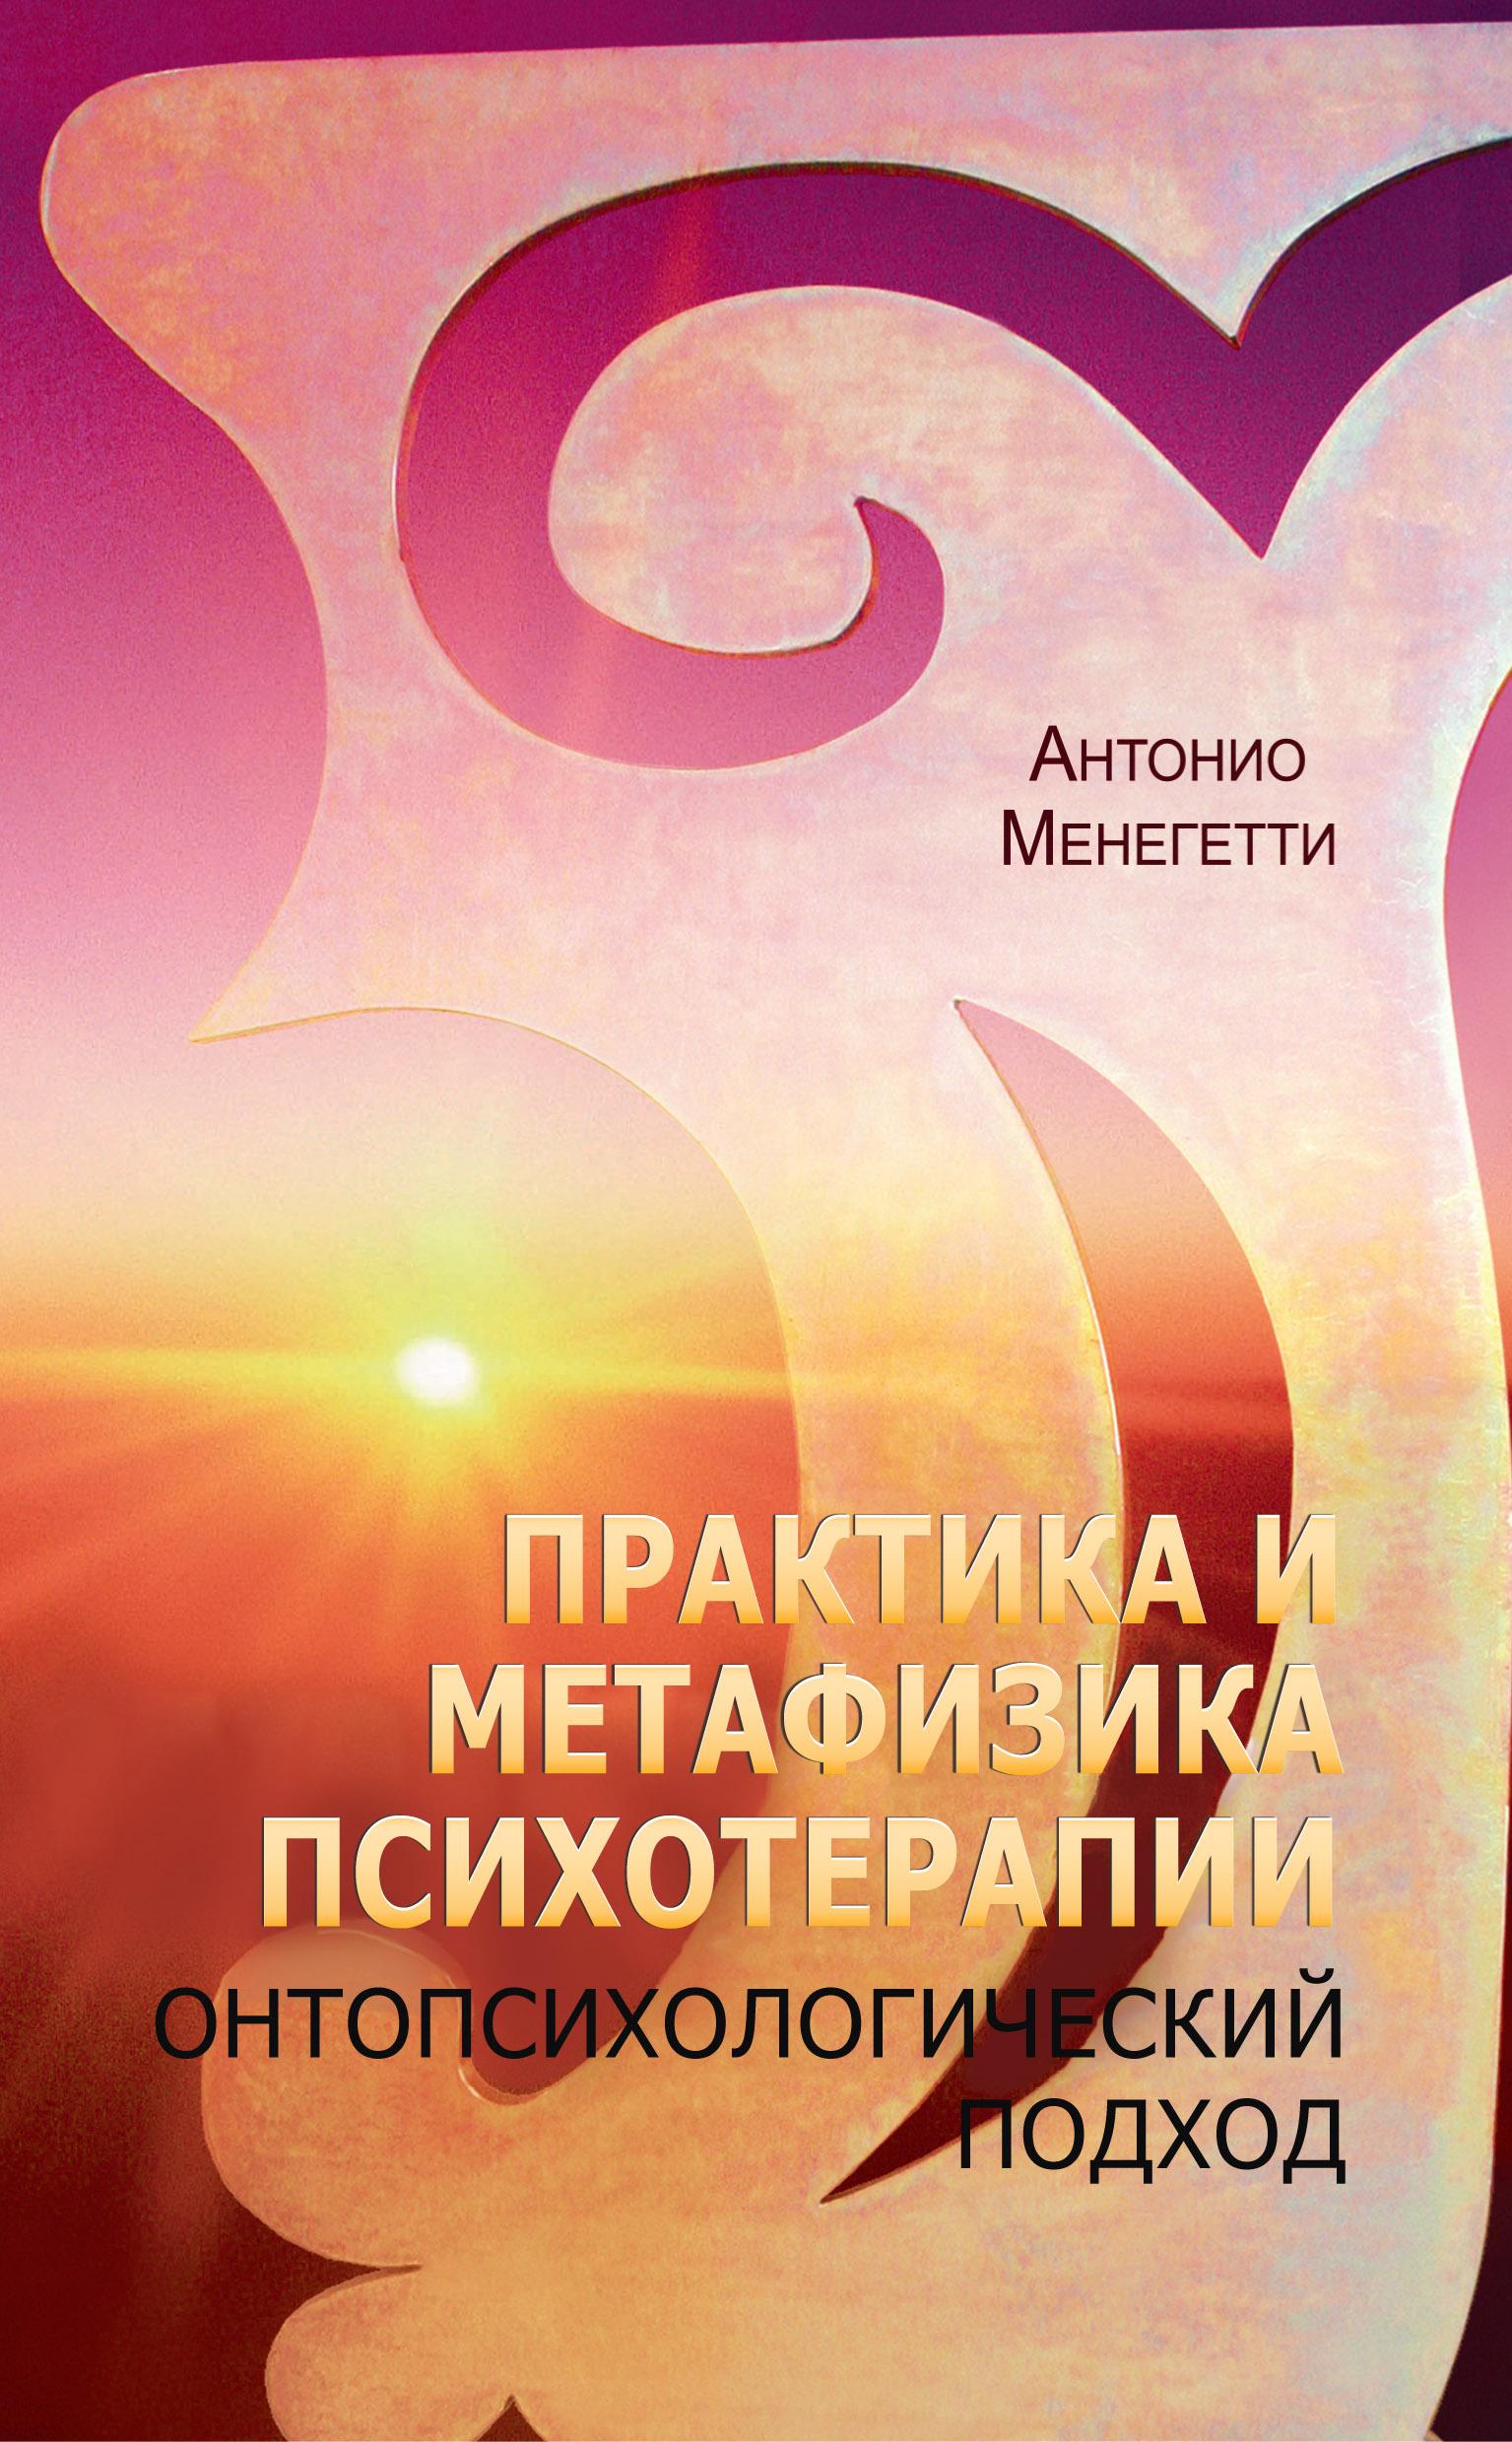 praktika i metafizika psikhoterapii ontopsikhologicheskiy podkhod